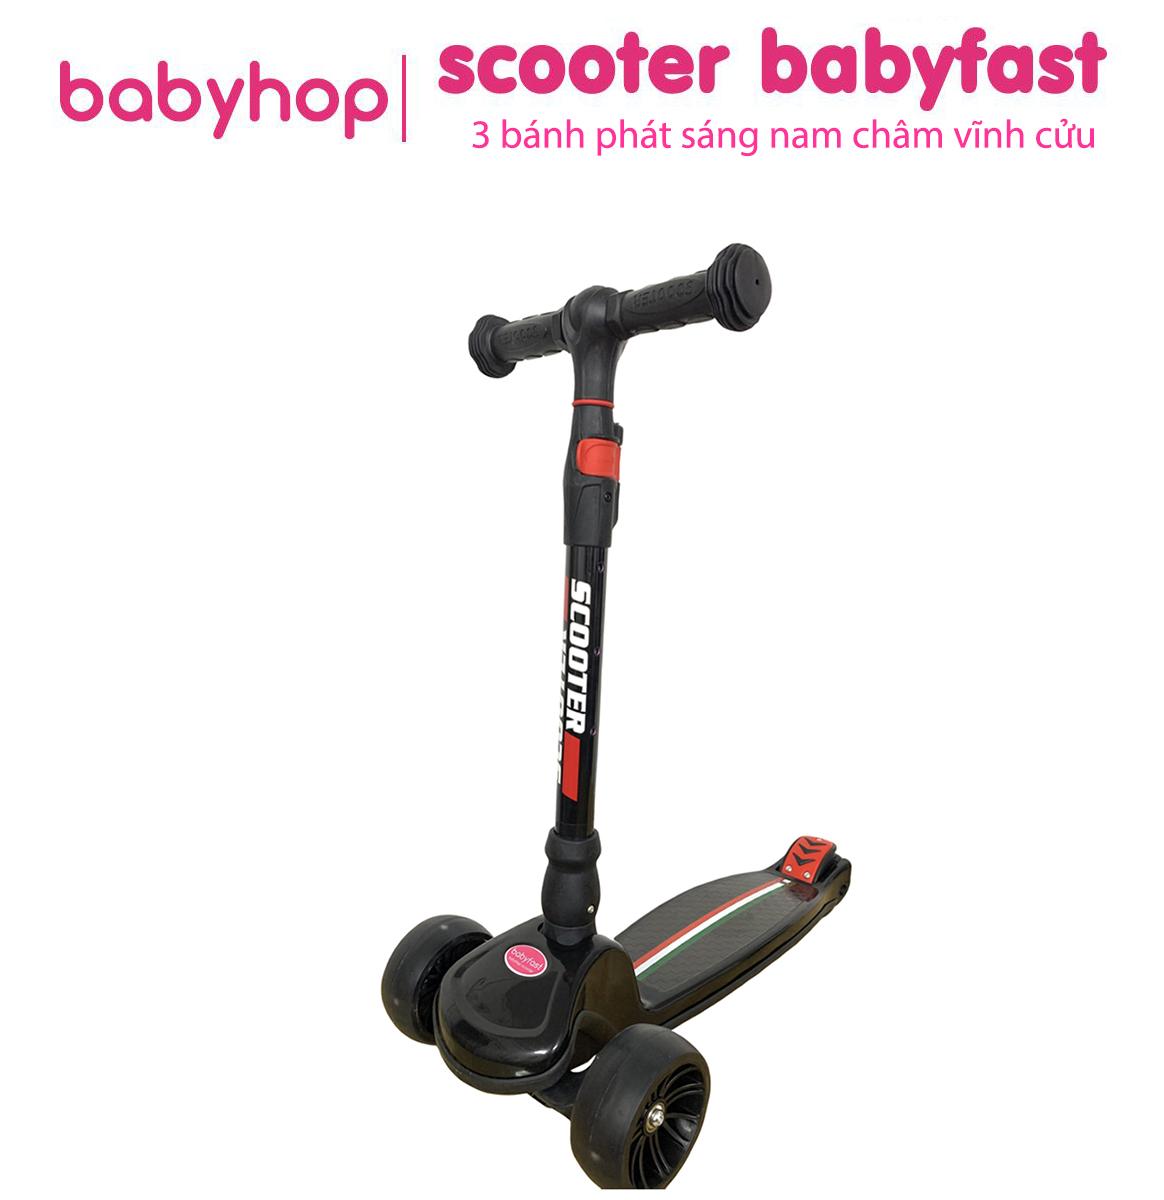 Xe Trượt Scooter Babyfast 3 Bánh Phát Sáng Vĩnh Cửu, Rèn Luyện Vận động & Tăng Chiều Cao Cho Trẻ 2-6 Tuổi Với Giá Sốc